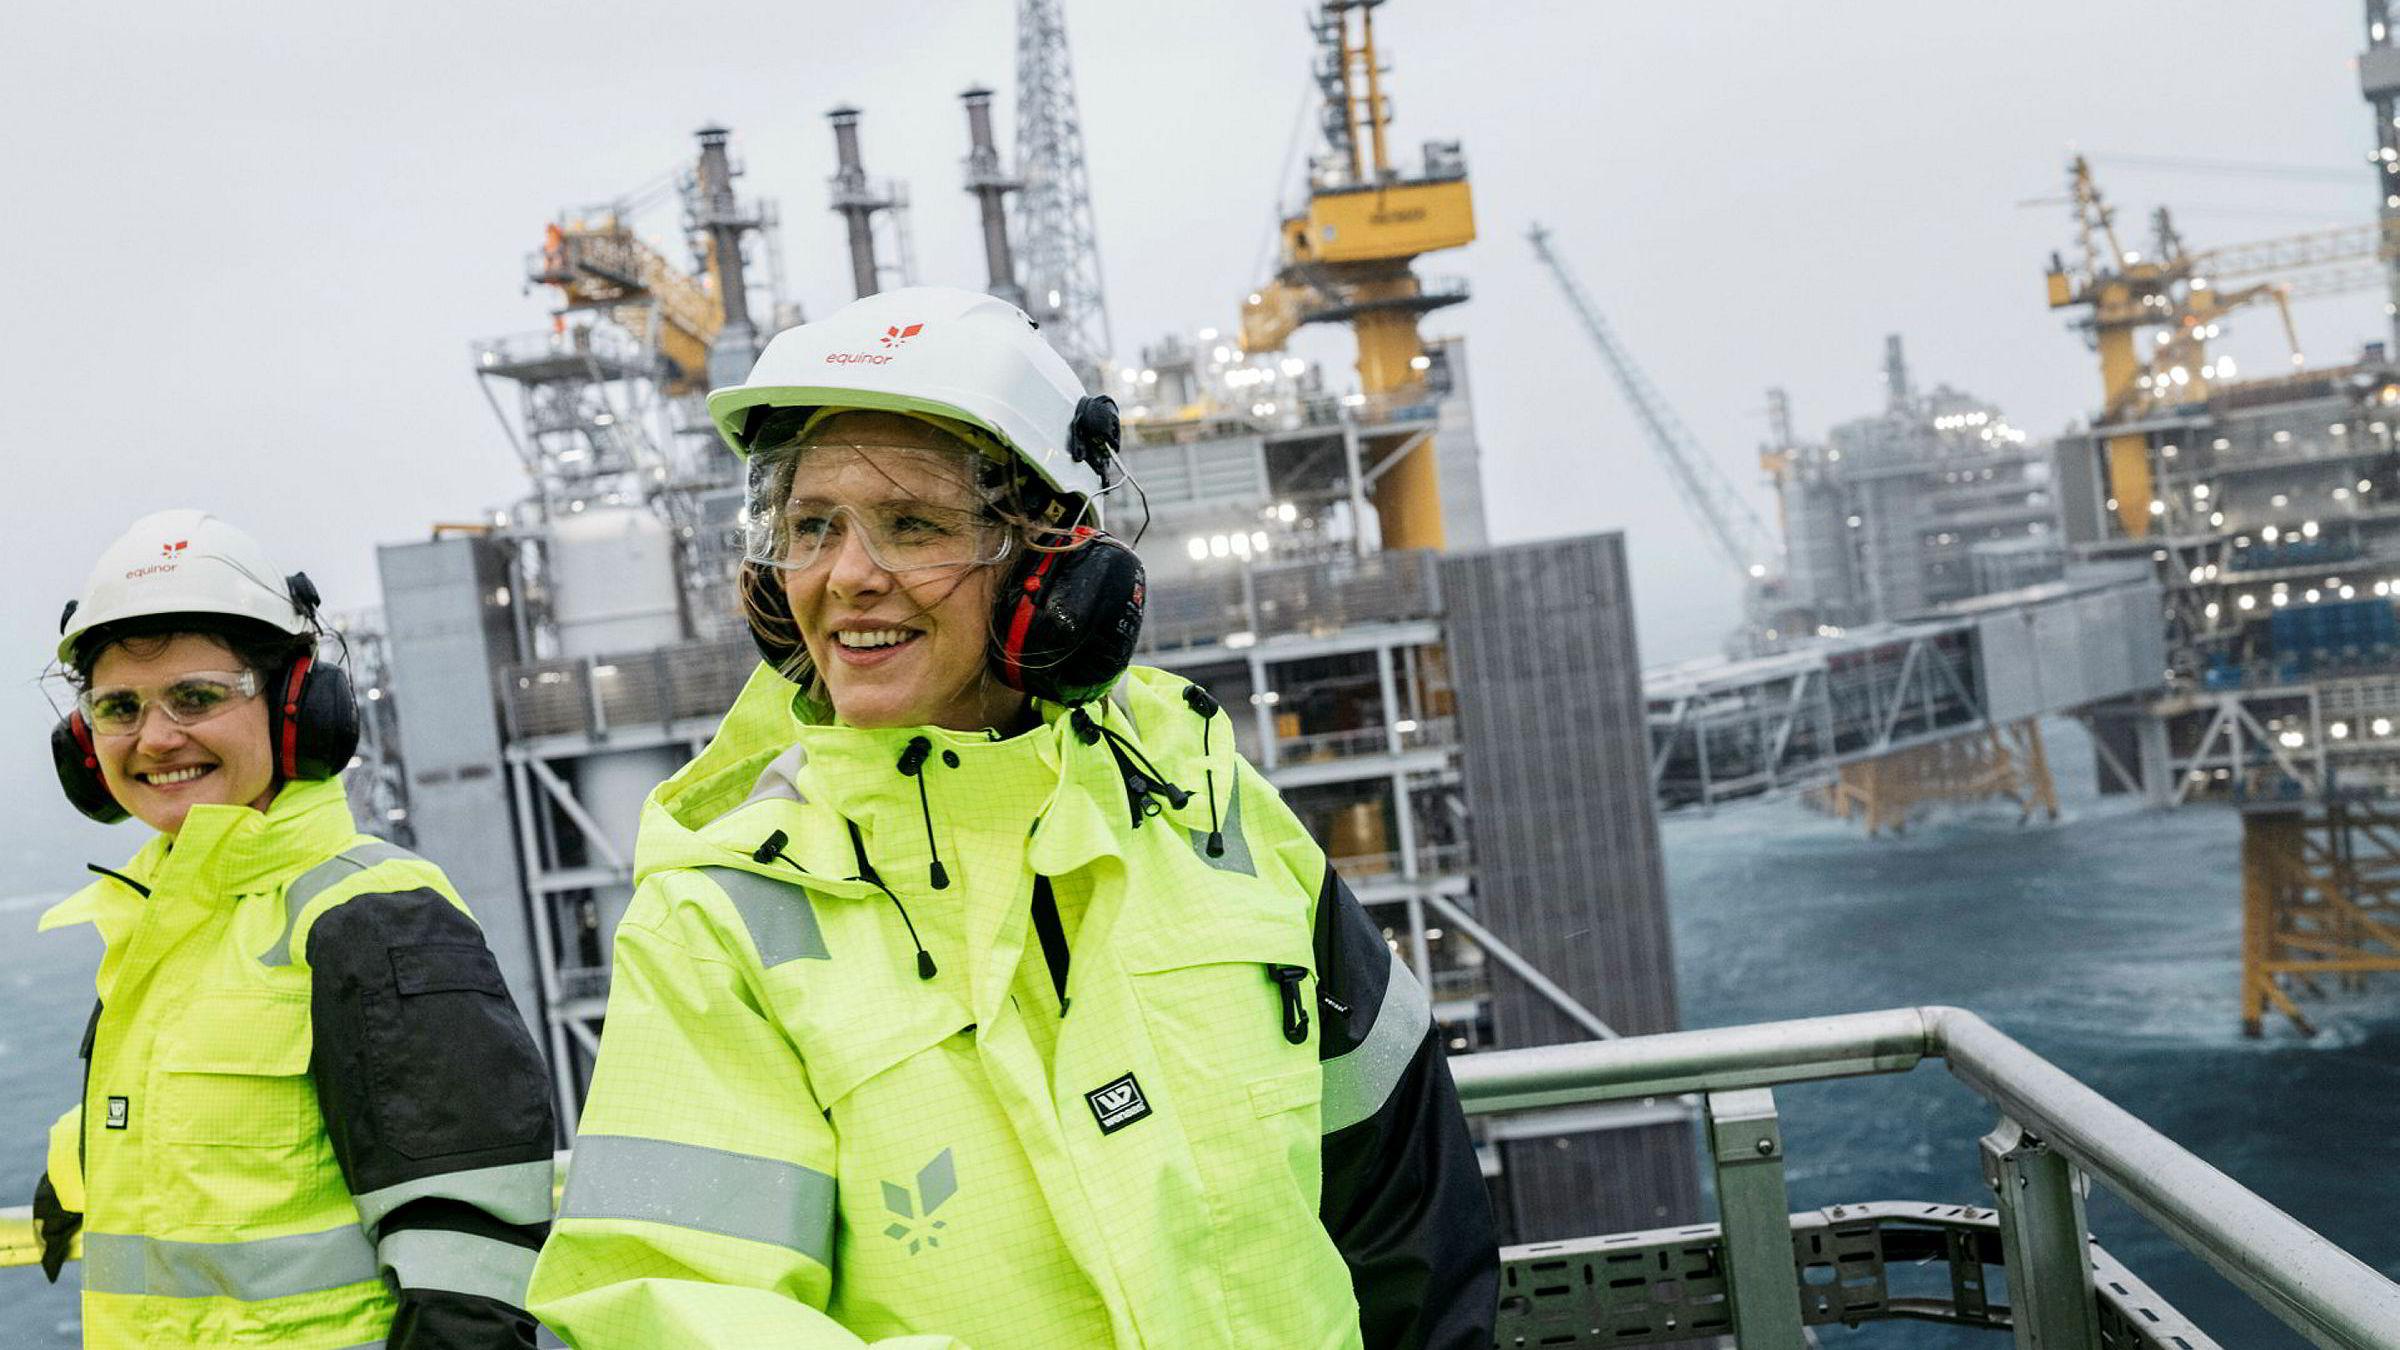 – Dette er så stort altså, sa olje- og energiminister Sylvi Listhaug på åpningen av Johan Sverdrup-feltet tirsdag. Til venstre ordfører i Stavanger Kari Nessa Nordtun (Ap).